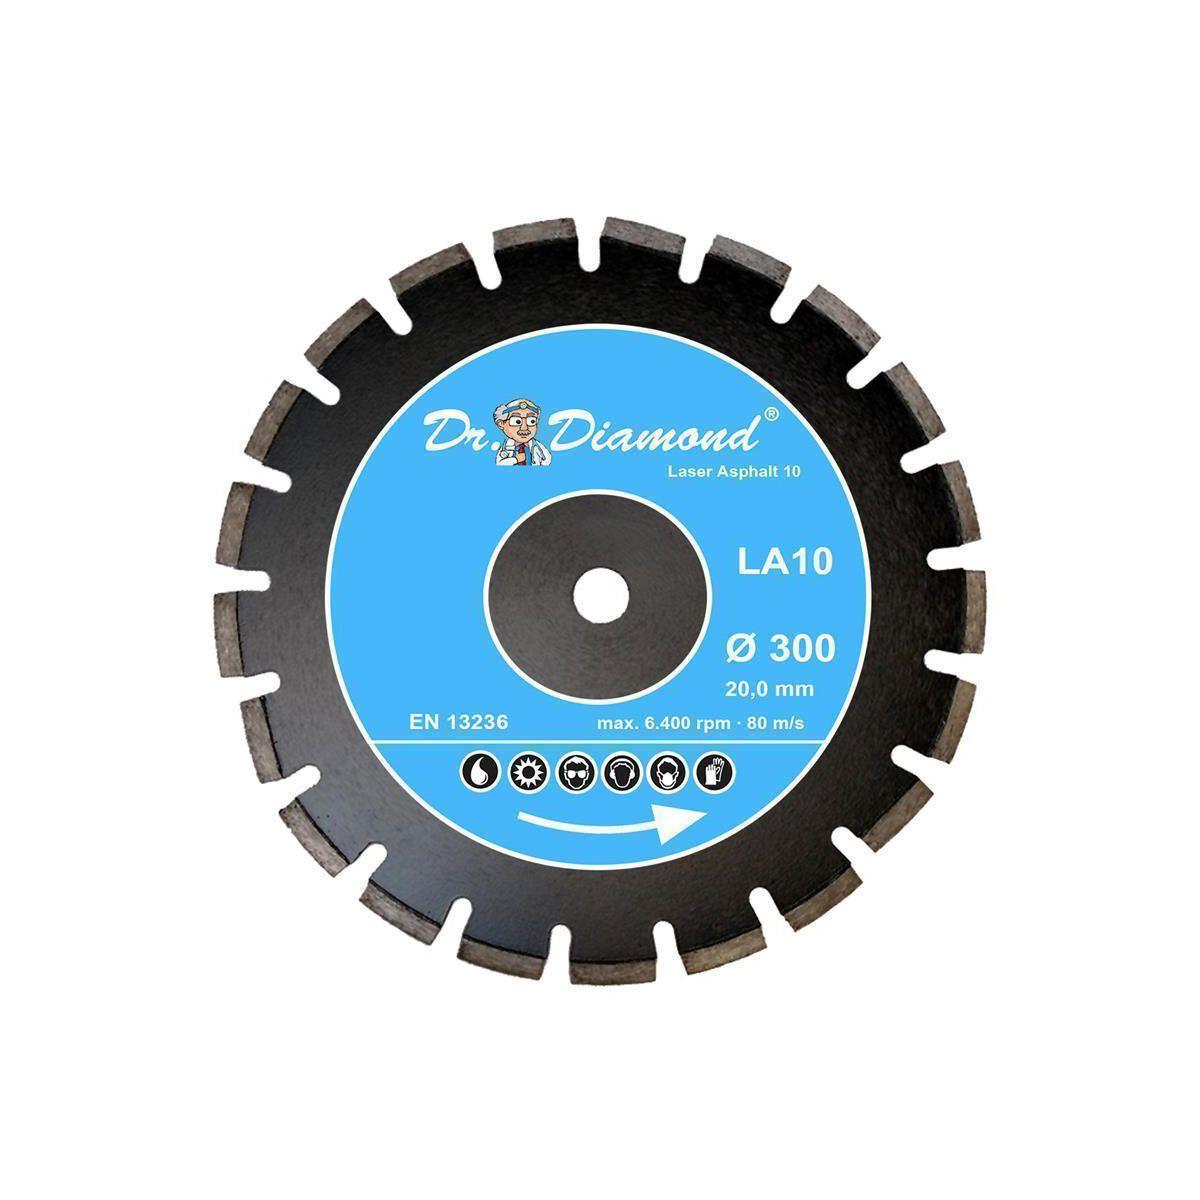 10 mm 600 x 25,4 mm Beton Diamanttrennscheibe Laser